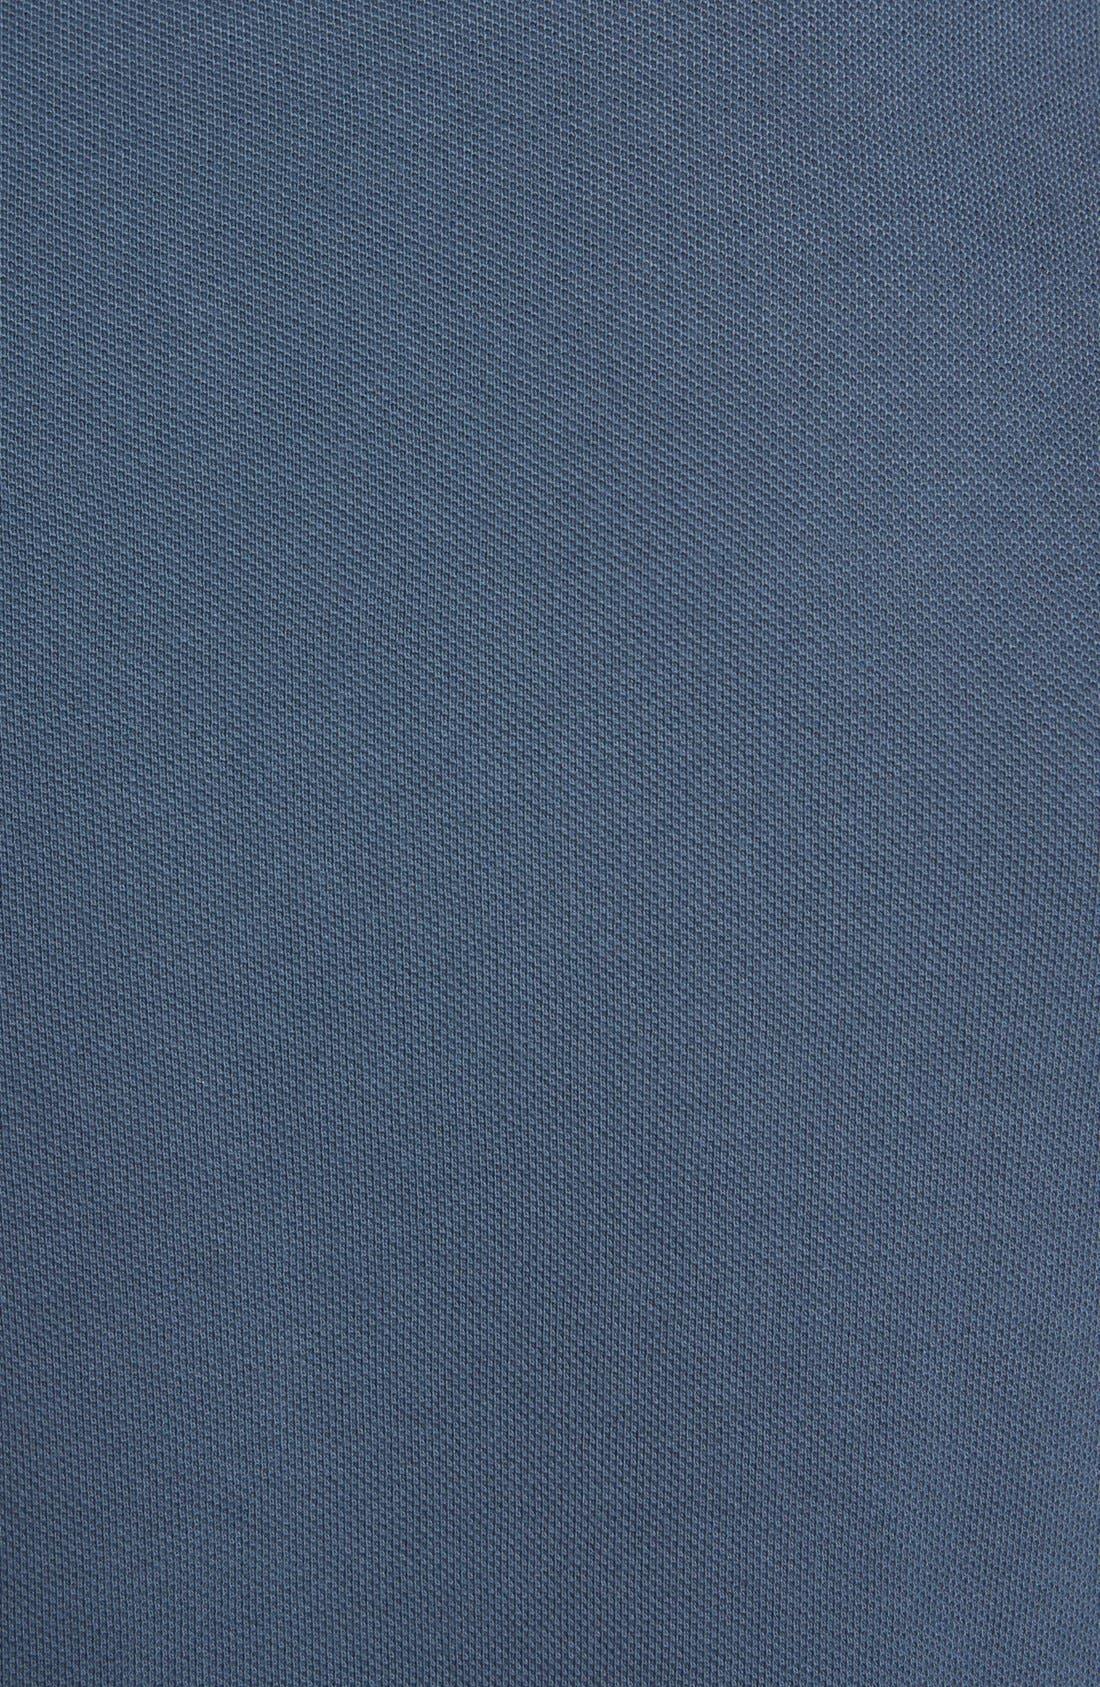 Alternate Image 3  - Burberry Brit Piqué Knit Polo